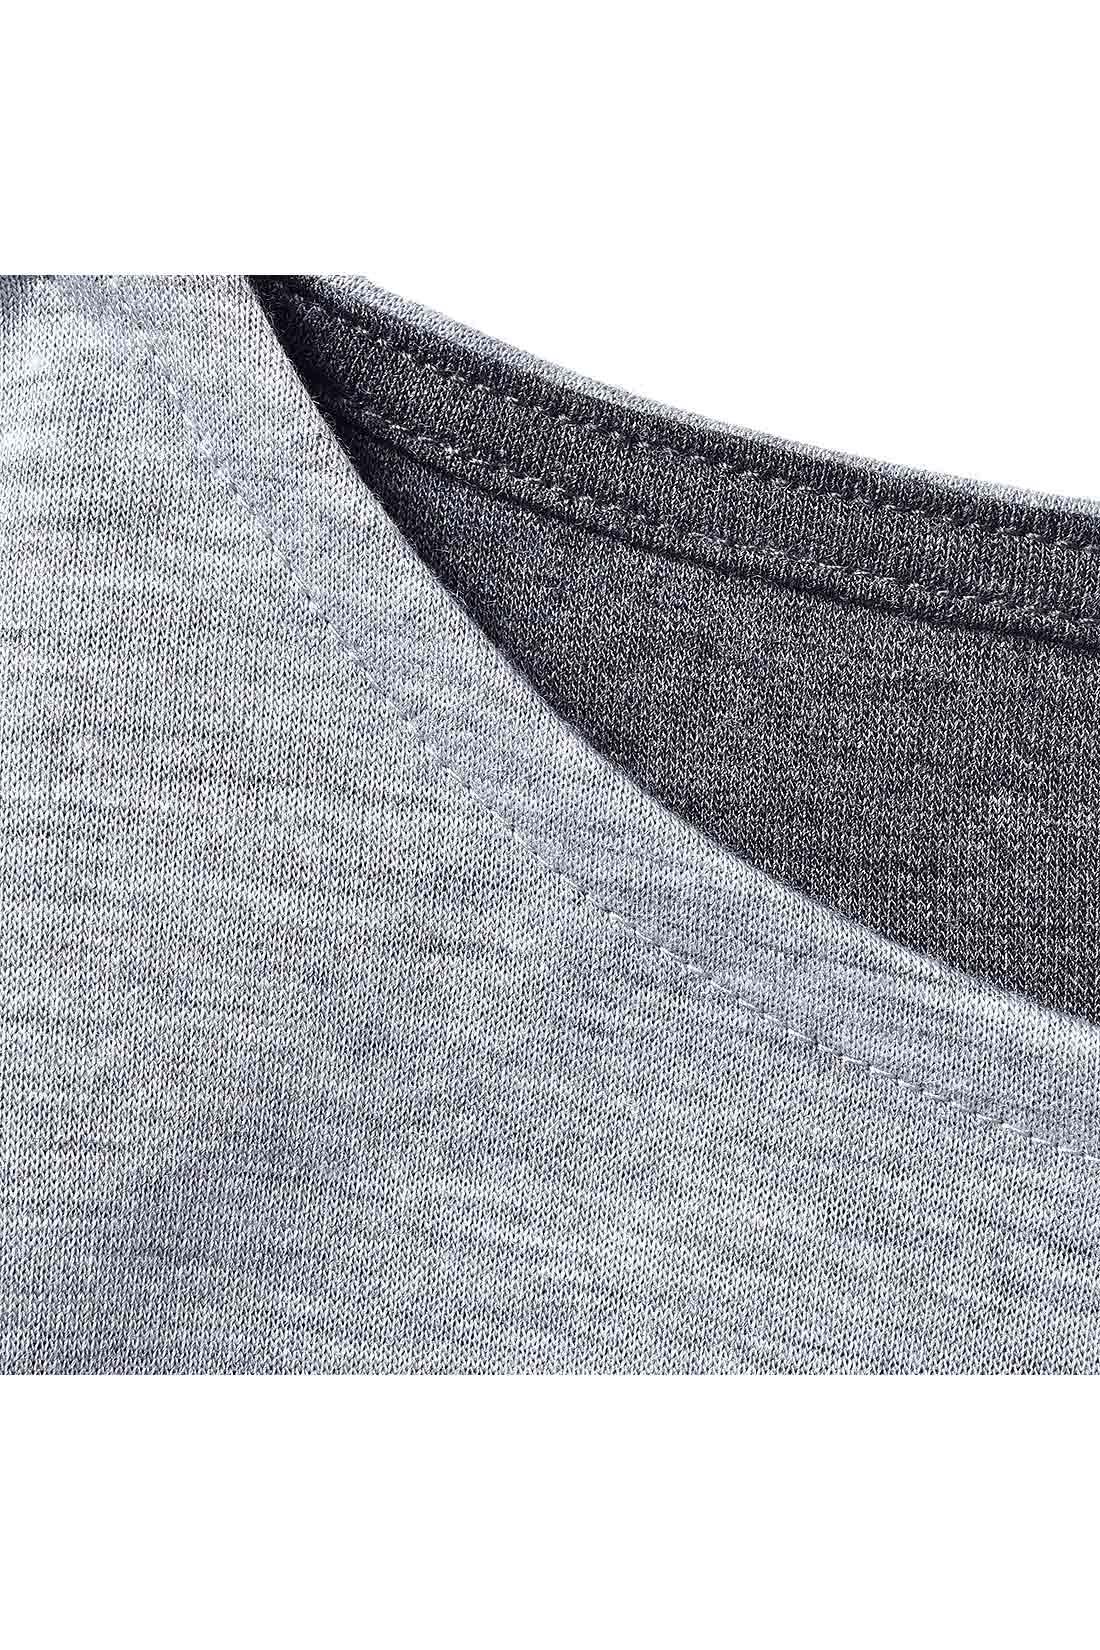 薄手のカットソーを二枚重ねた素材だから、すそが揺れるたび裏の色がチラりとさりげないアクセントに。